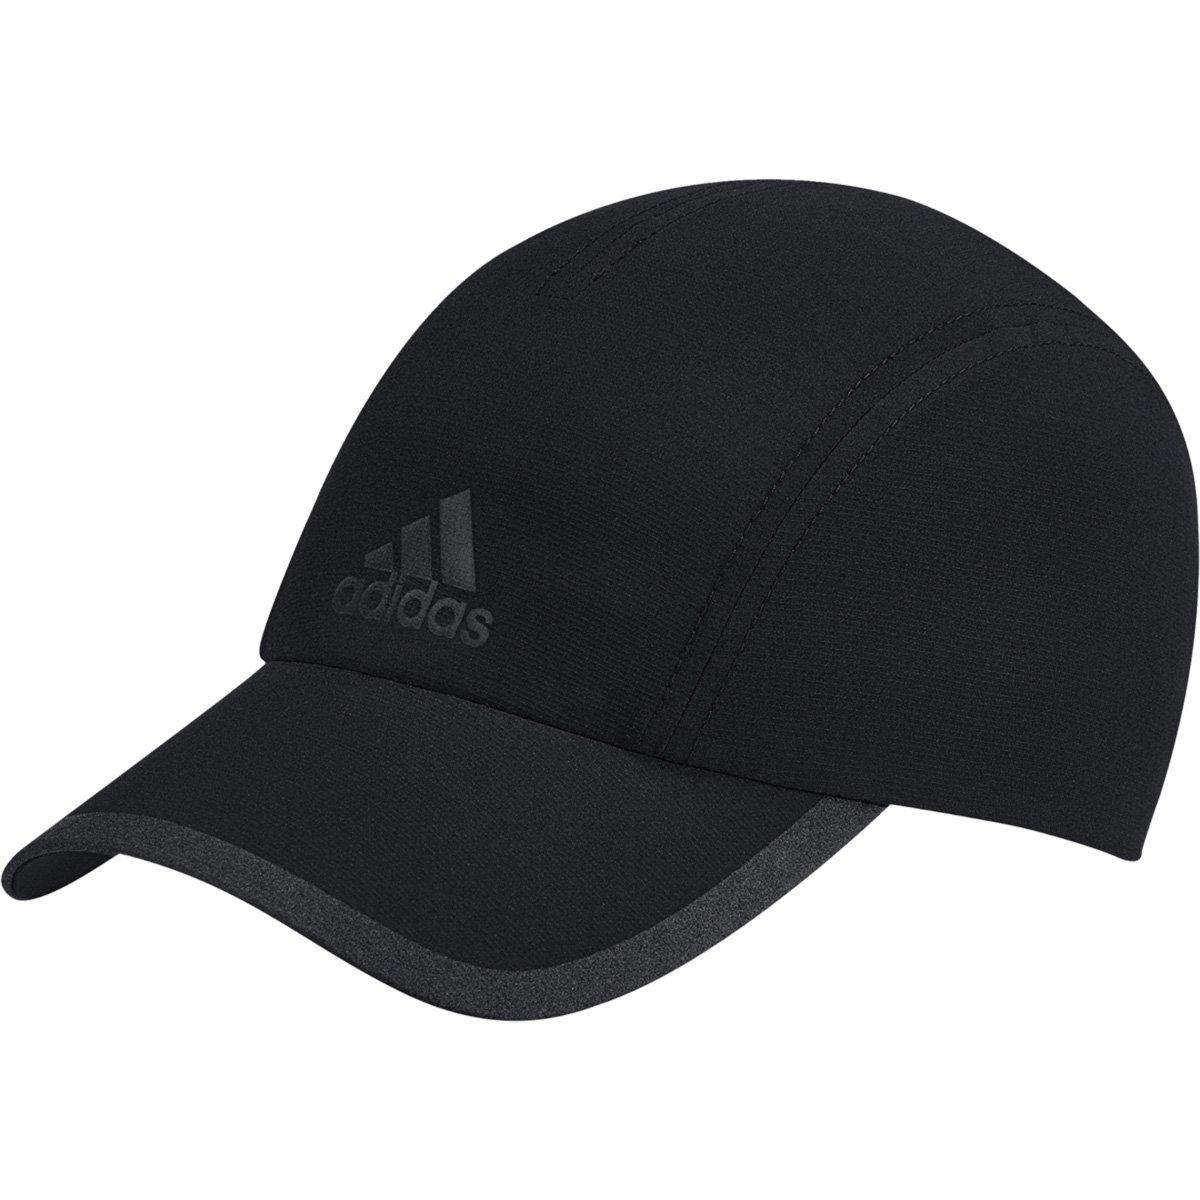 Boné Adidas ClimaCool Aba Curva - Preto e Cinza - Compre Agora  79675e98f77